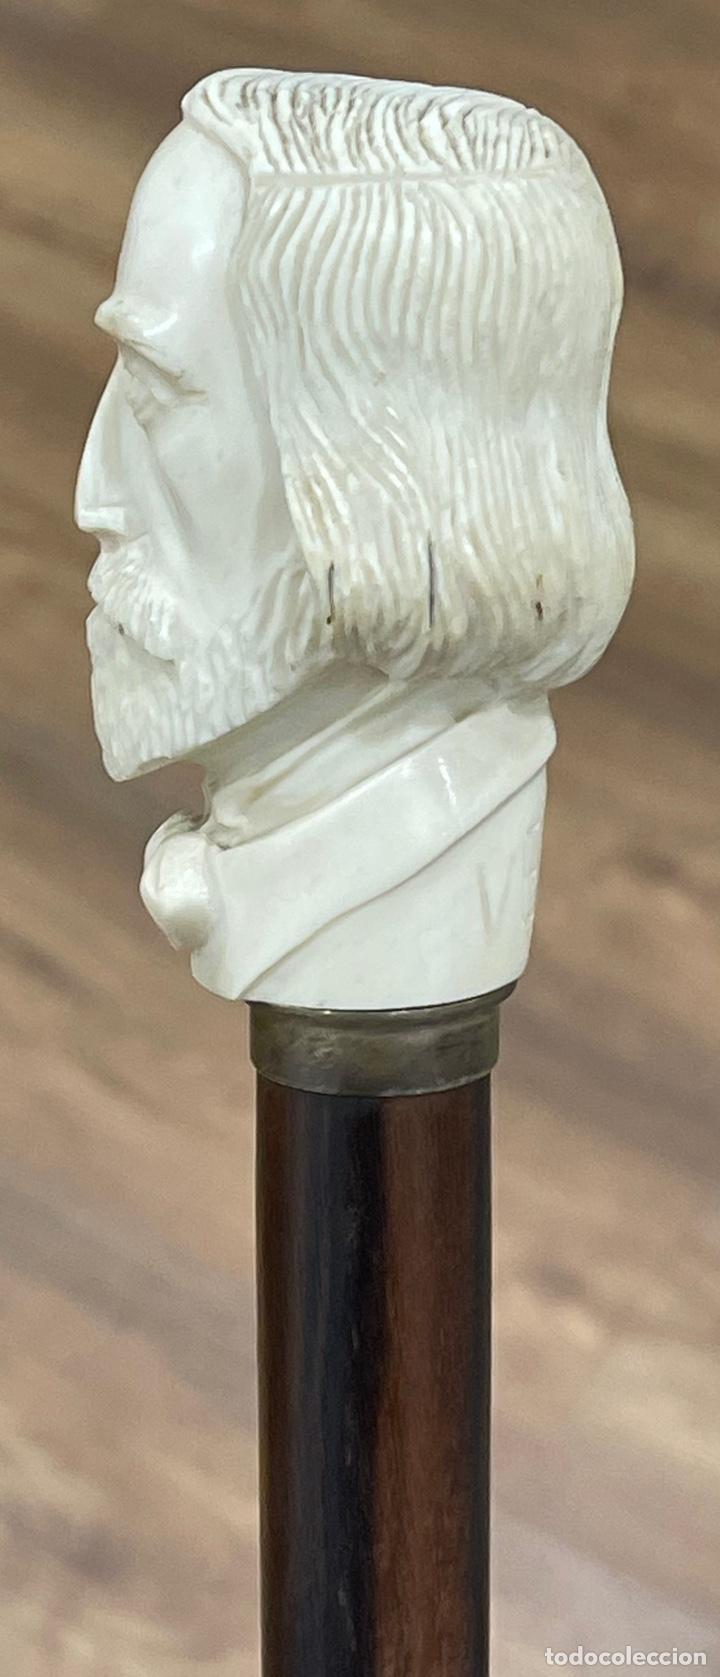 Antigüedades: Bonito bastón, con mango de marfil tallado, y vara en palosanto, o ébano de macassar. - Foto 8 - 255516500